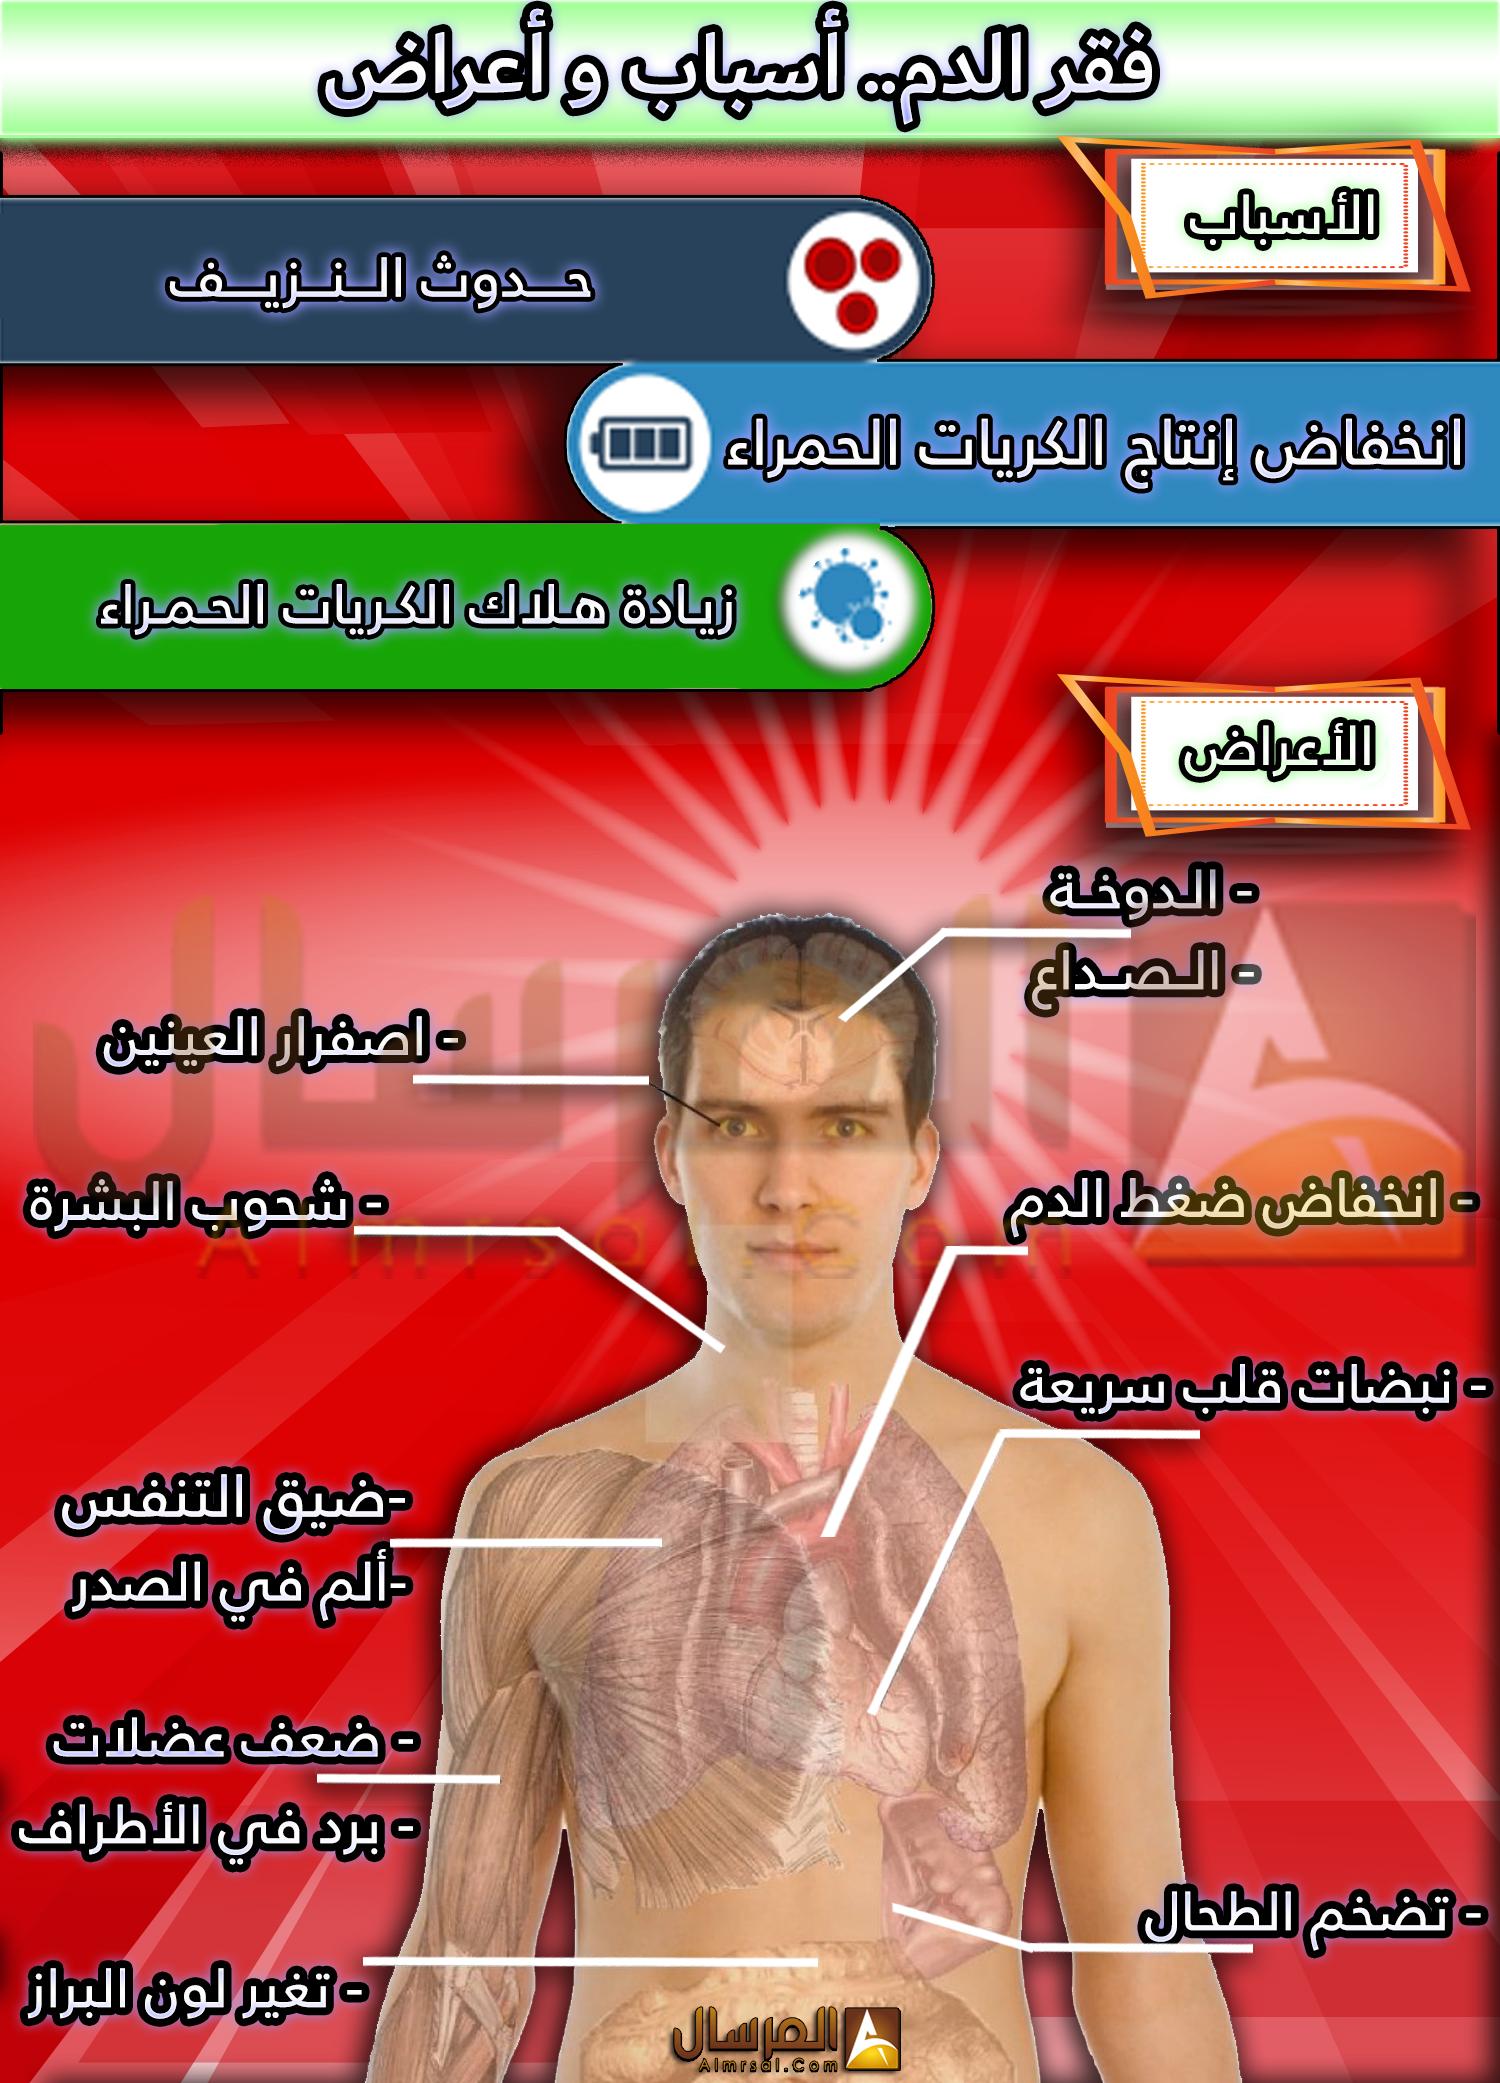 قبل اضطهد افتراضية اعراض فقر الدم عند الرجال Diaryofadesperatedad Com